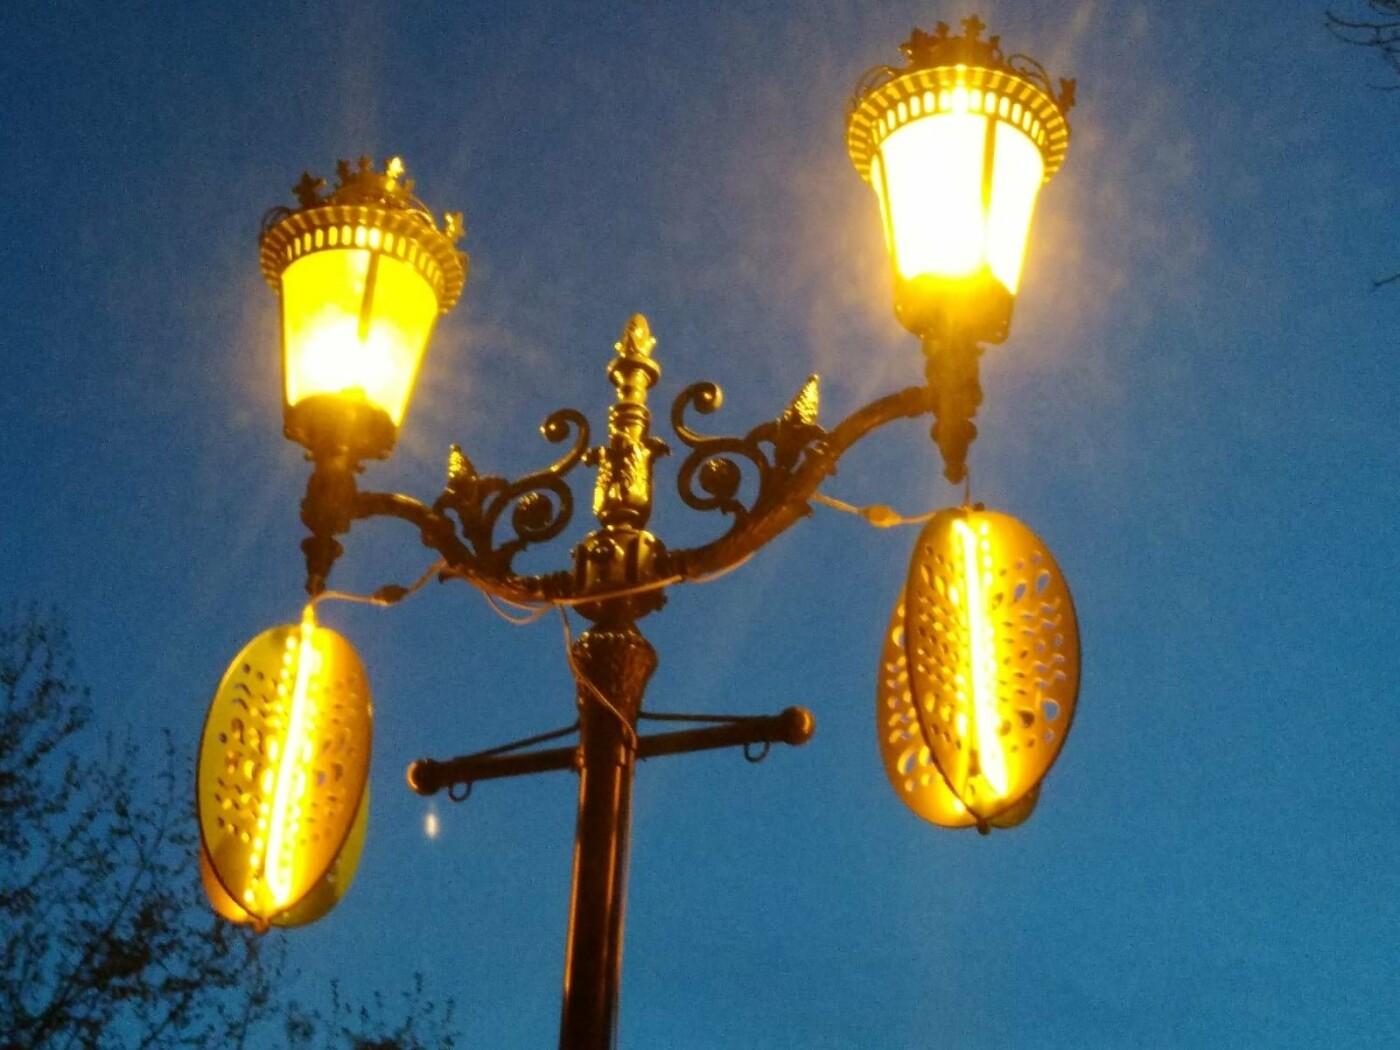 Дивовижний Трускавець: вечірній фотоогляд центральної частини міста-курорту, фото-2, Фото - 03247.com.ua